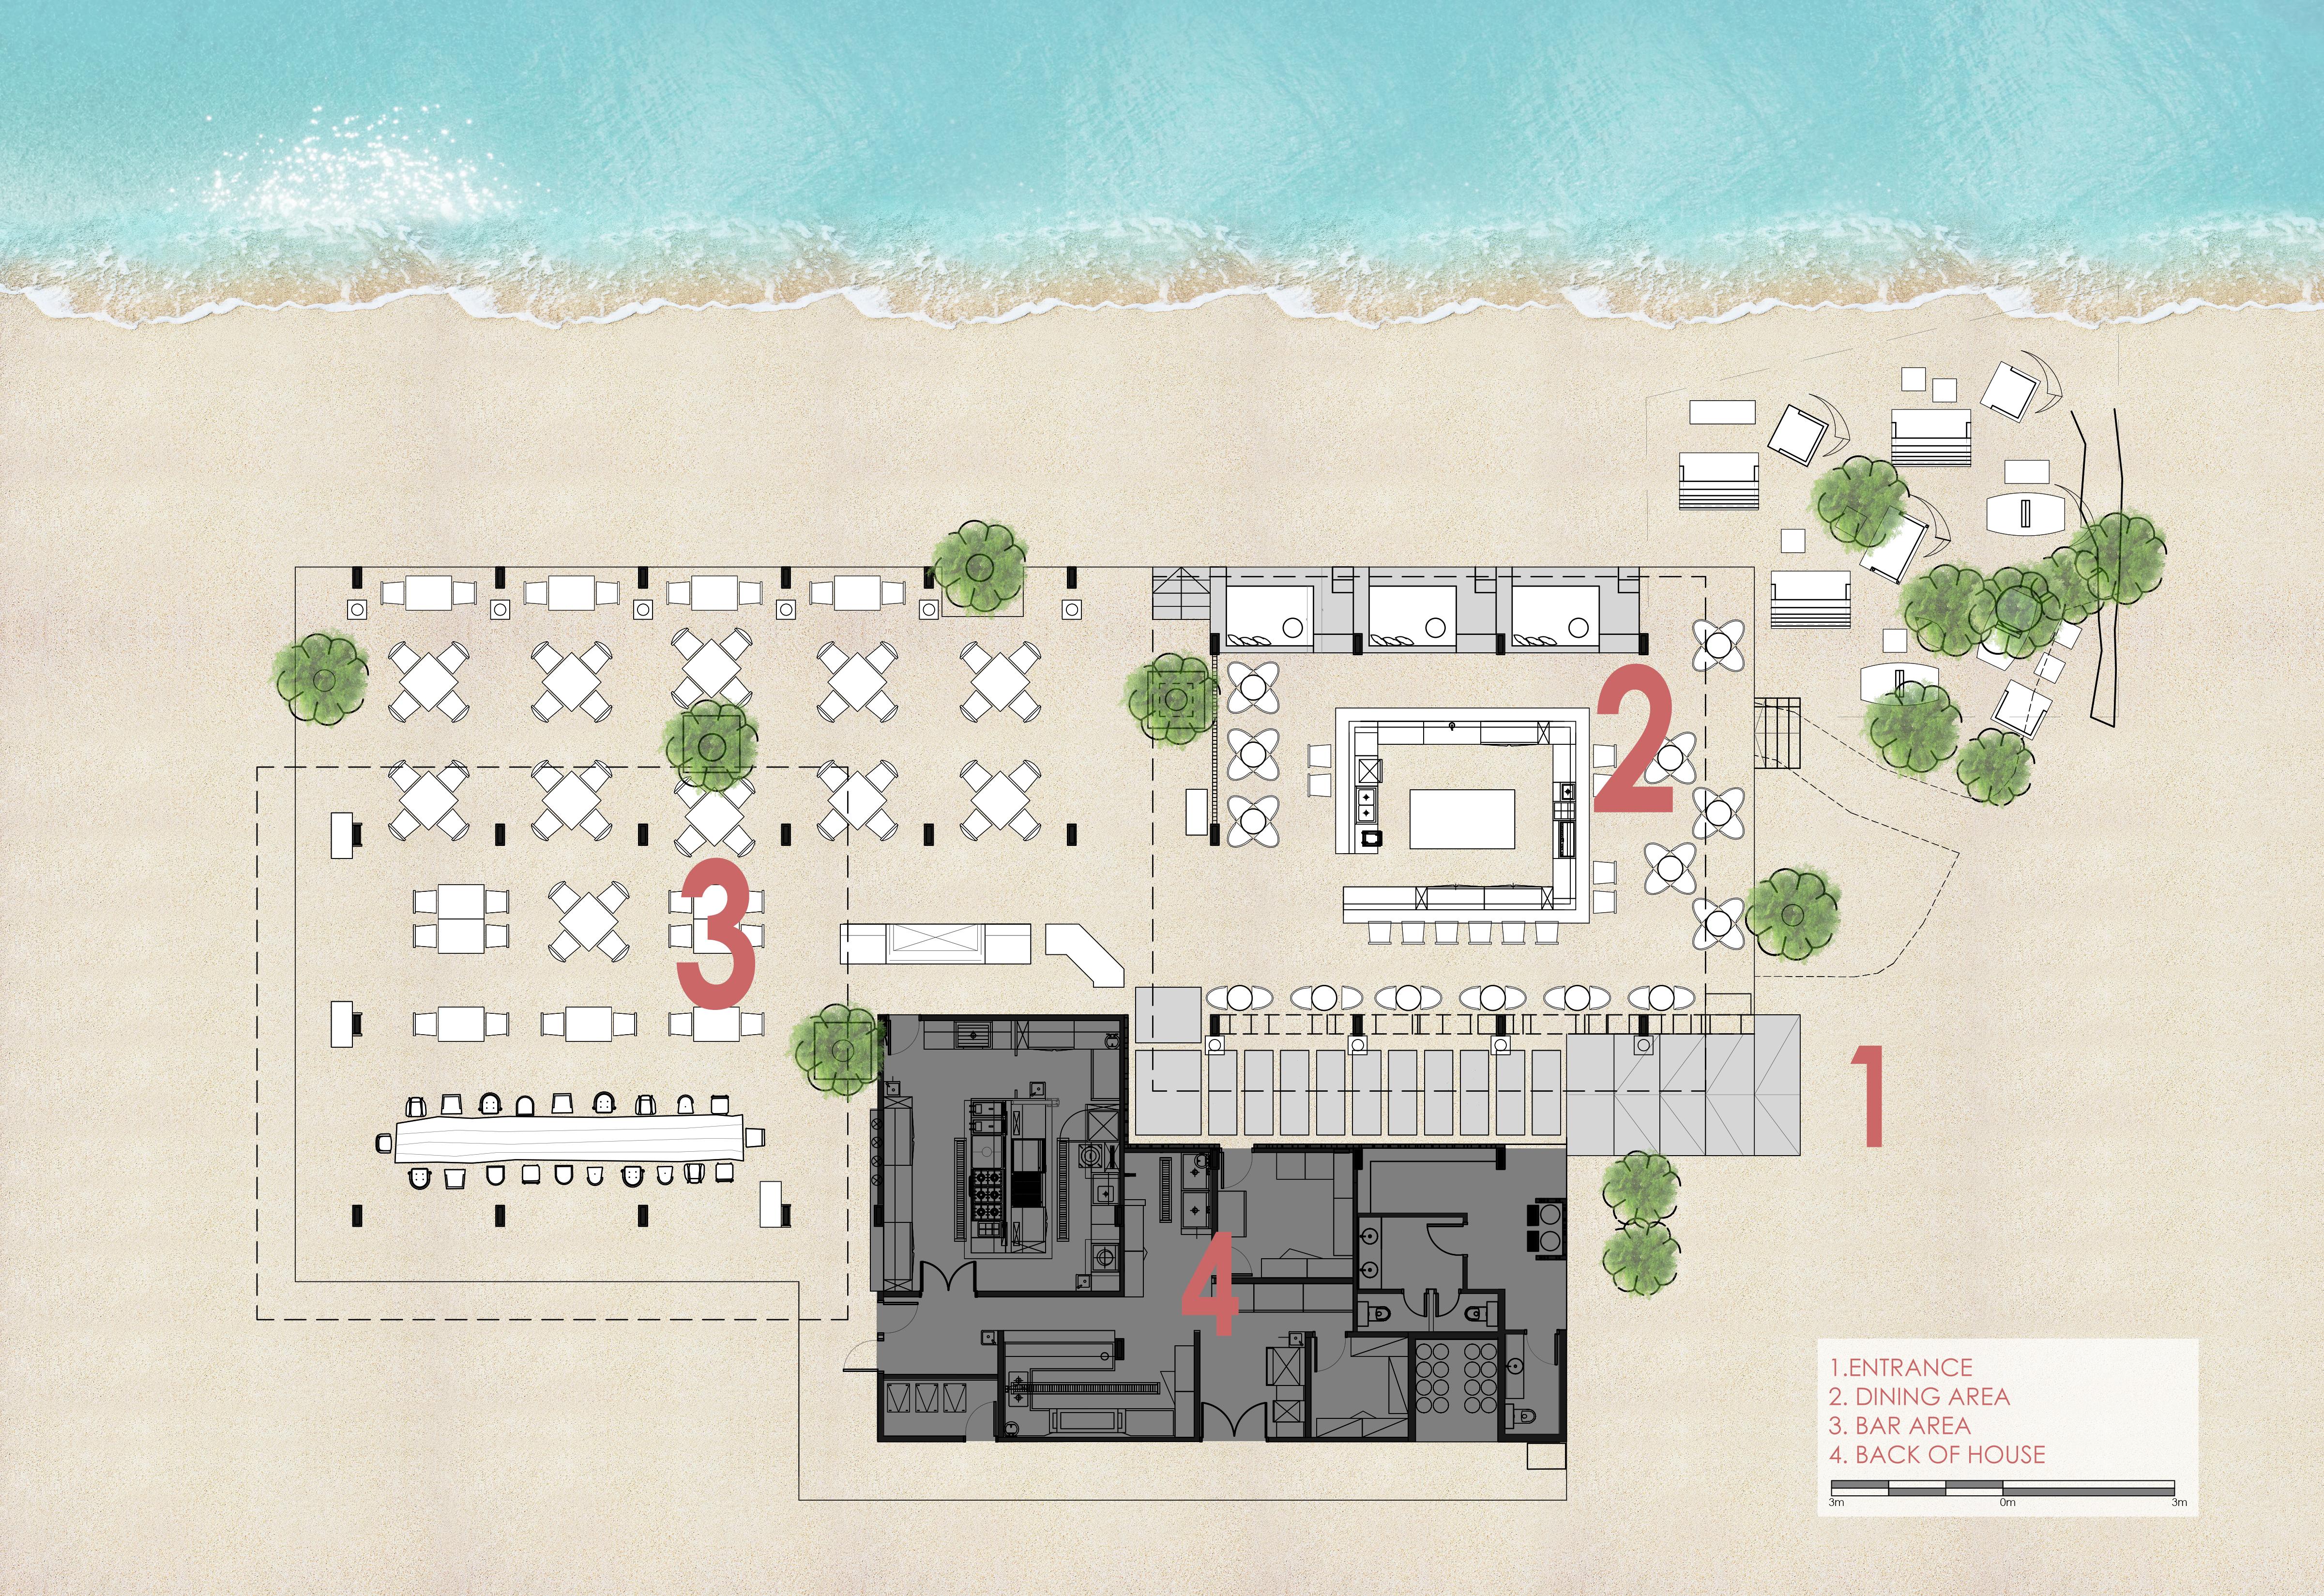 Jala Restaurant And Beach Bar Greycanopy